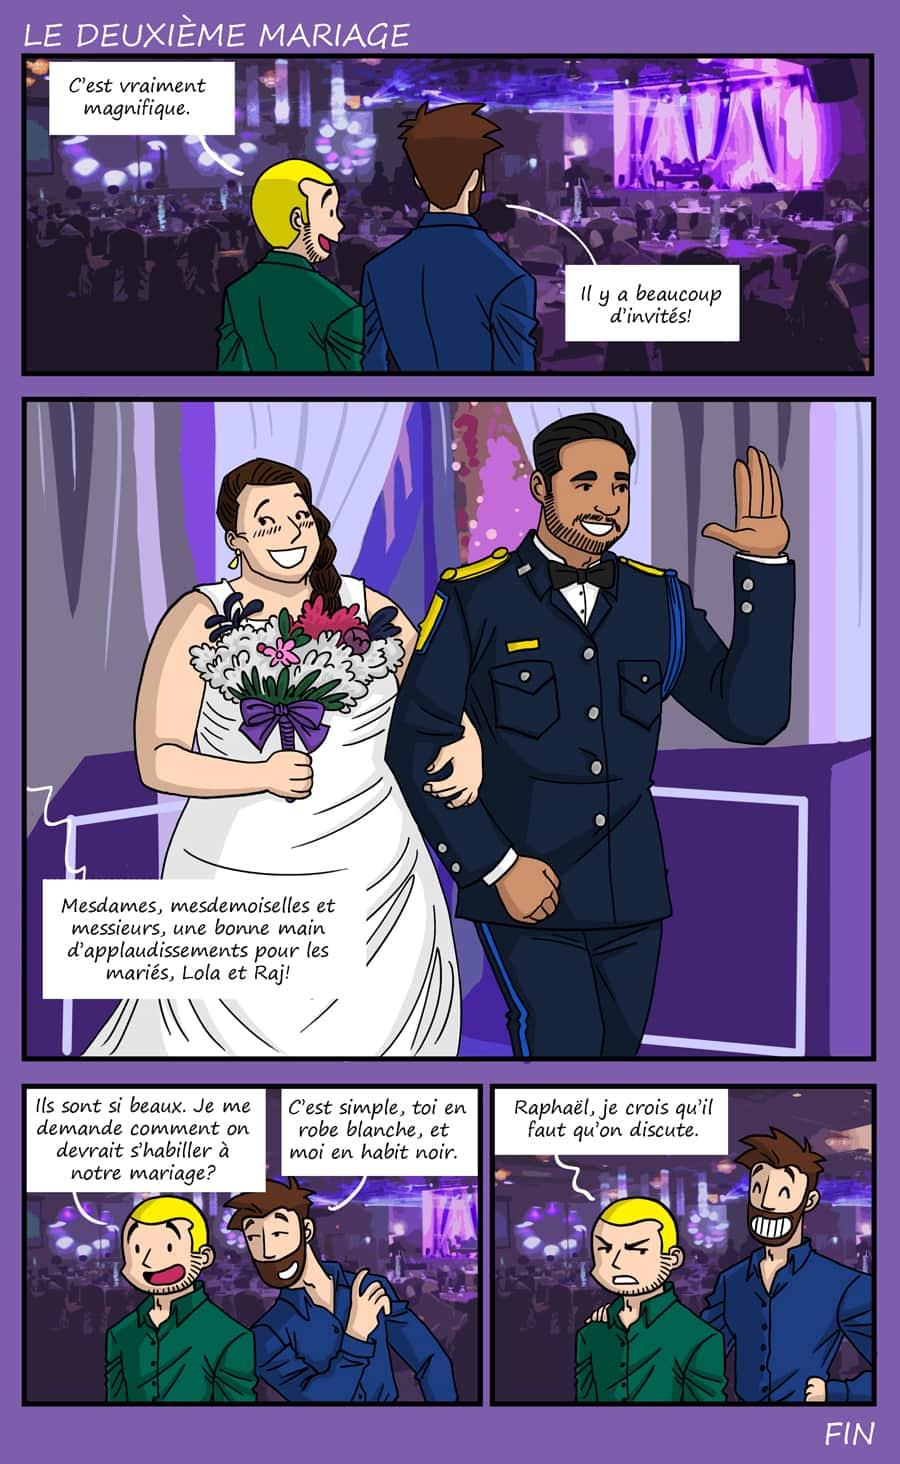 Épisode 220 - Le deuxième mariage